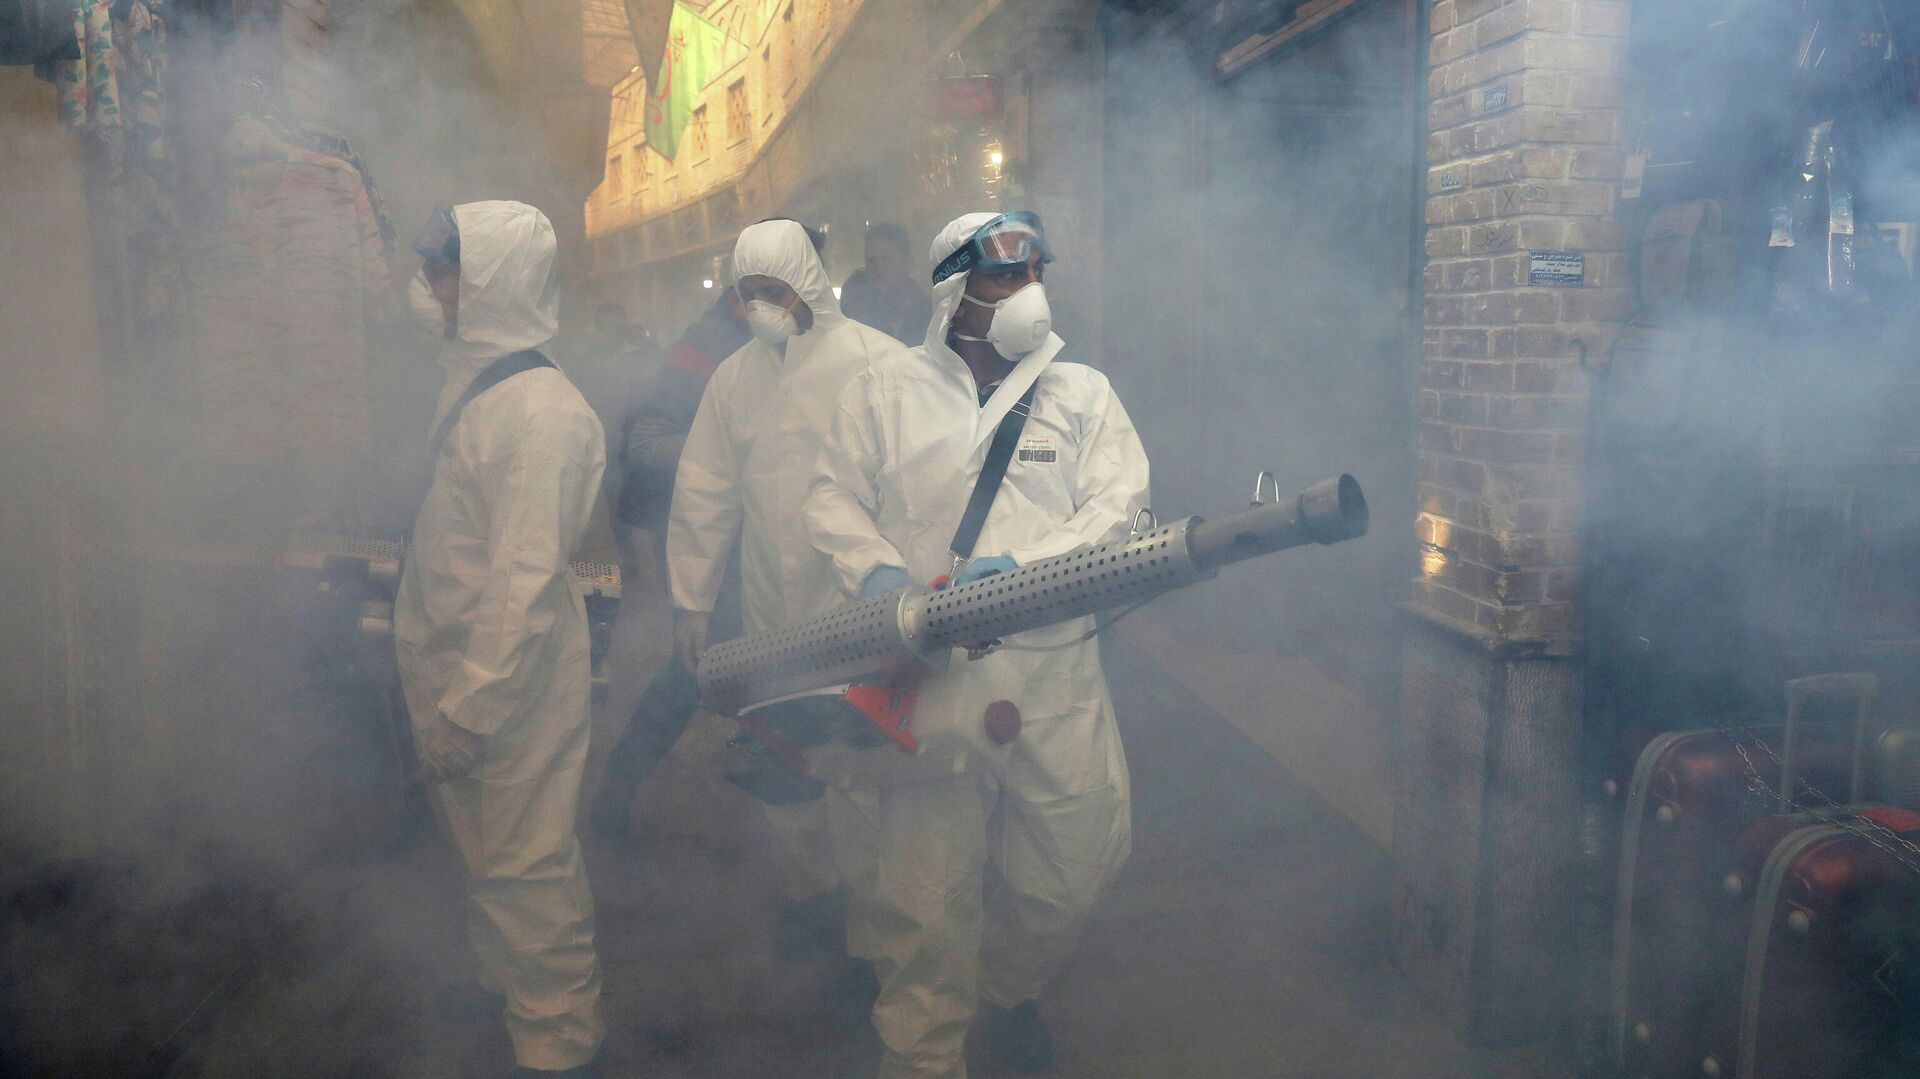 Пожарные распыляют дезинфицирующее средство в Тегеране, Иран - РИА Новости, 1920, 13.04.2021